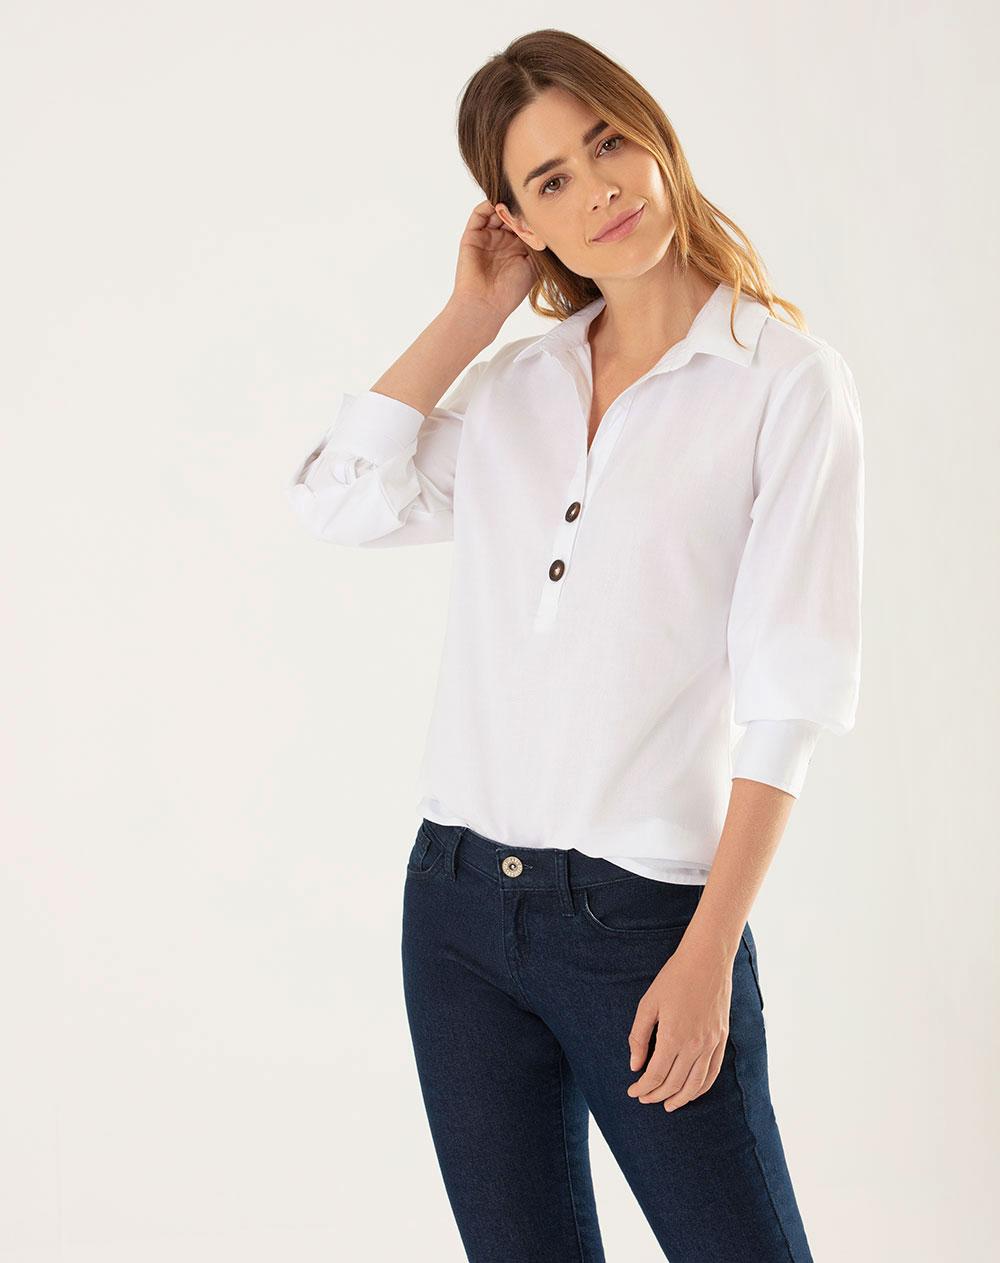 d7e9f2548bb Imagen para Camisa para Mujer Joyu Blanca de Gef